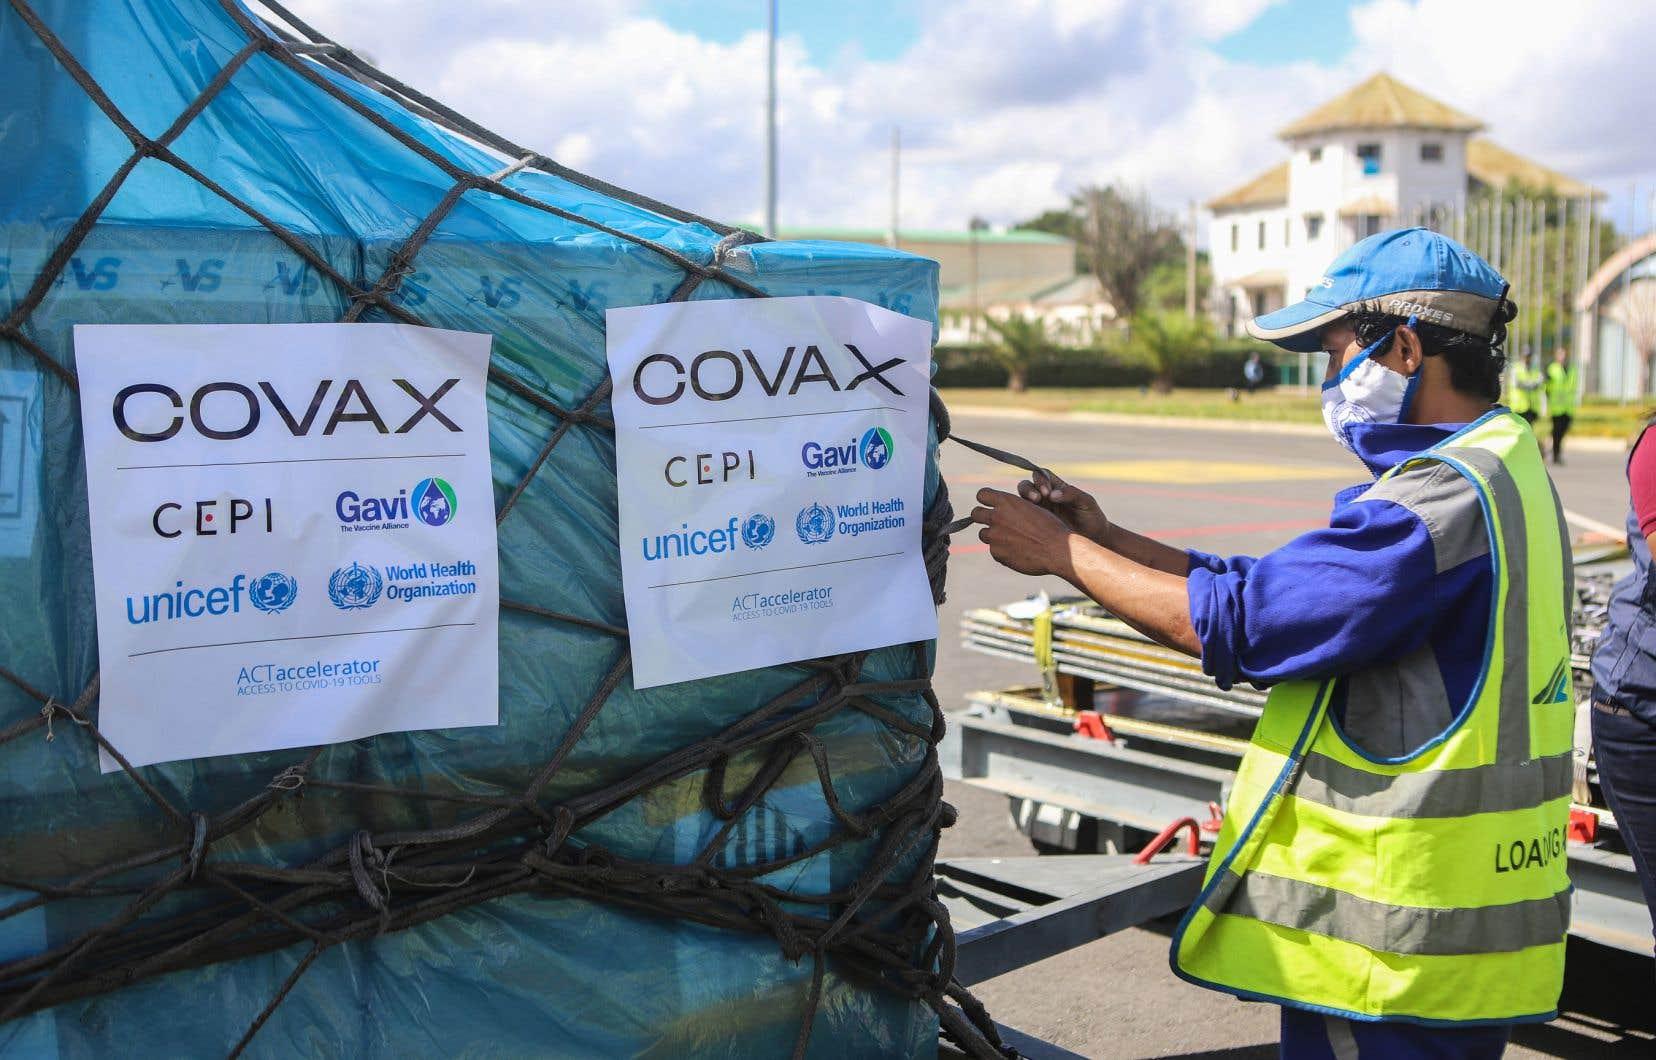 Au 8 juin, le dispositif COVAX avait livré seulement plus de 81 millions de doses de vaccin dans 129 pays et territoires participants. Sur notre photo, des doses arrivant par avion à Antananarivo, à Madagascar.